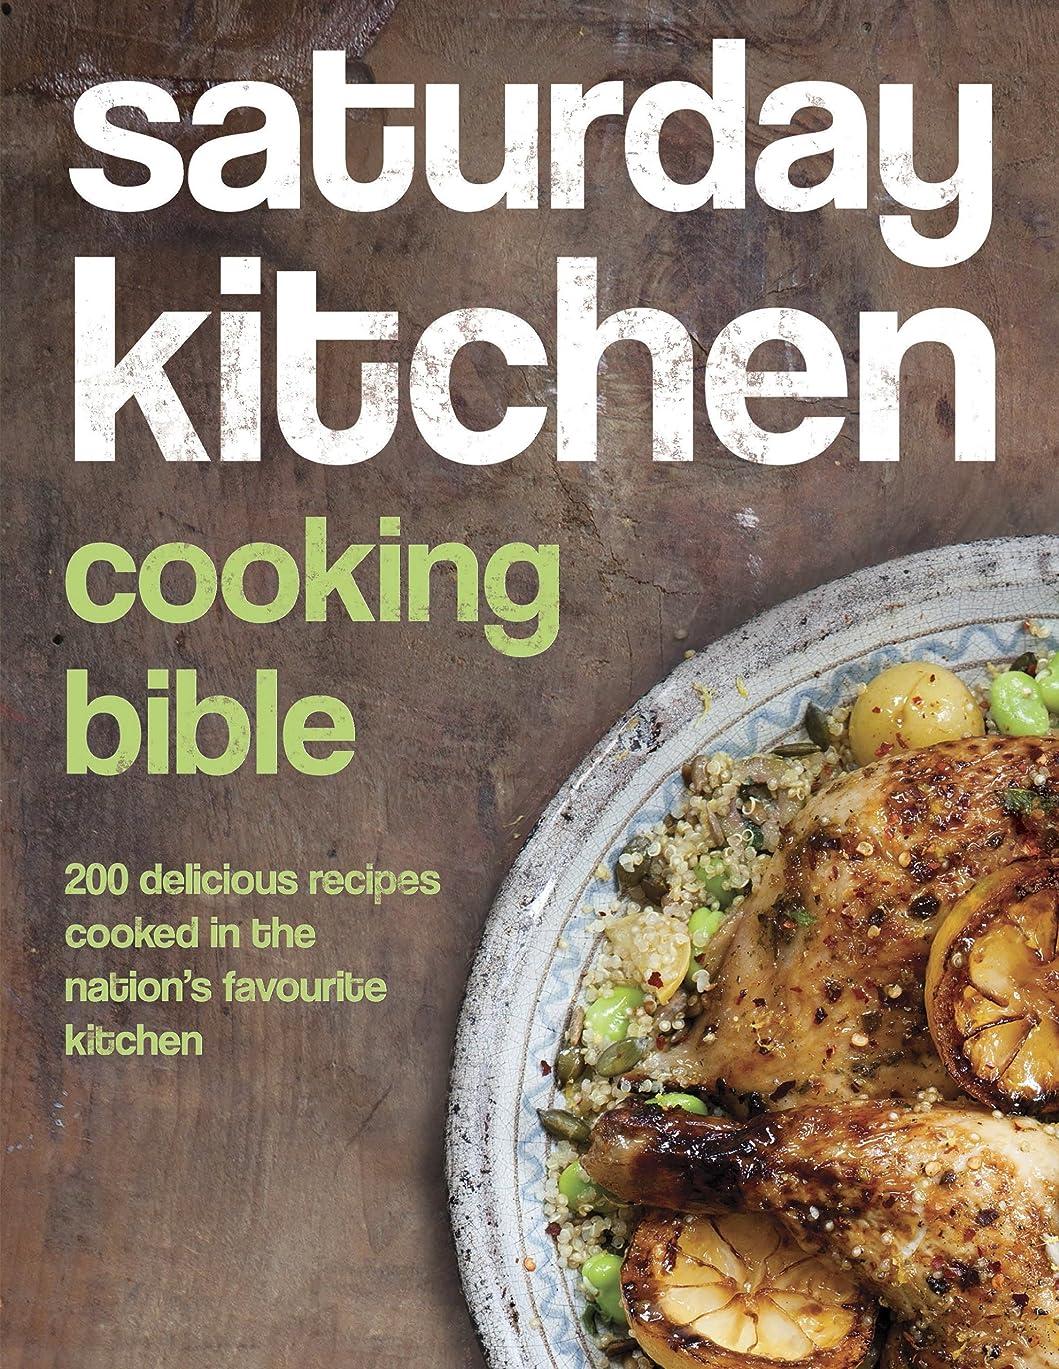 洗う信号分析的なSaturday Kitchen Cooking Bible: 200 Delicious Recipes Cooked in the Nation's Favourite Kitchen (English Edition)